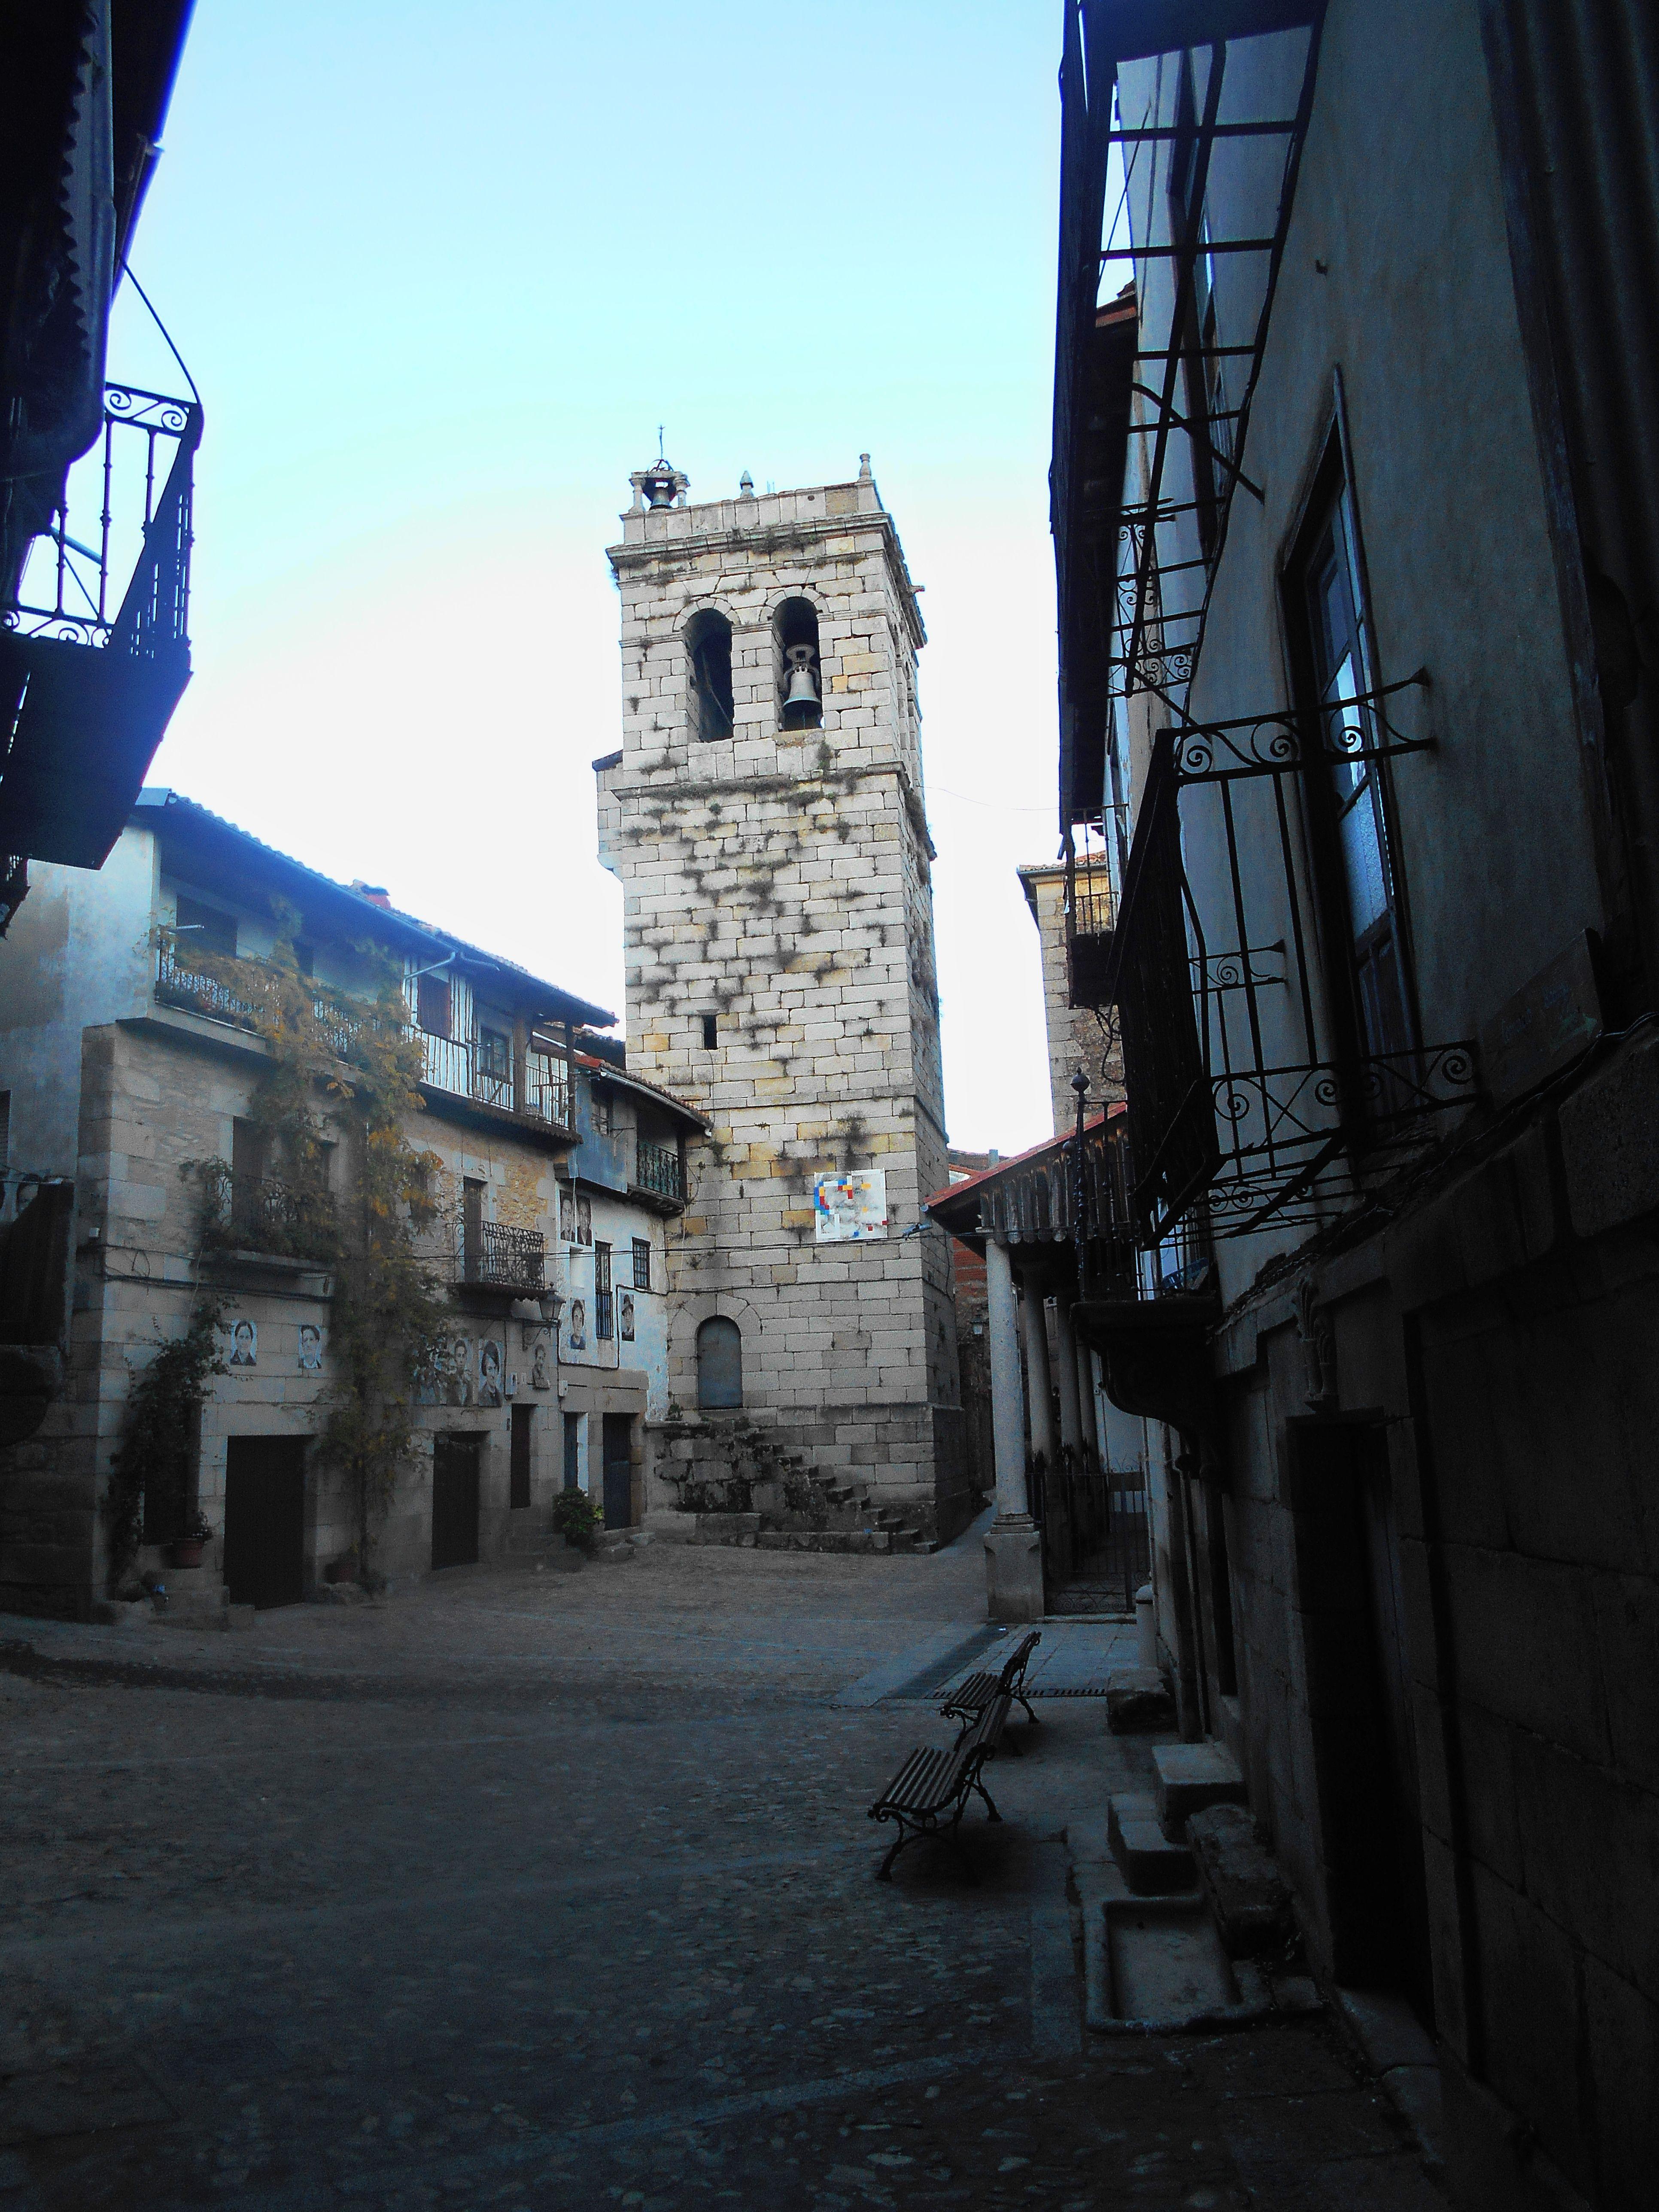 Torre , a la izquierda y pórtico , a la derecha , d e la Iglesia de Nuestra Señora de las Nieves. Que patente el uso mixto militar y religioso de la primera.